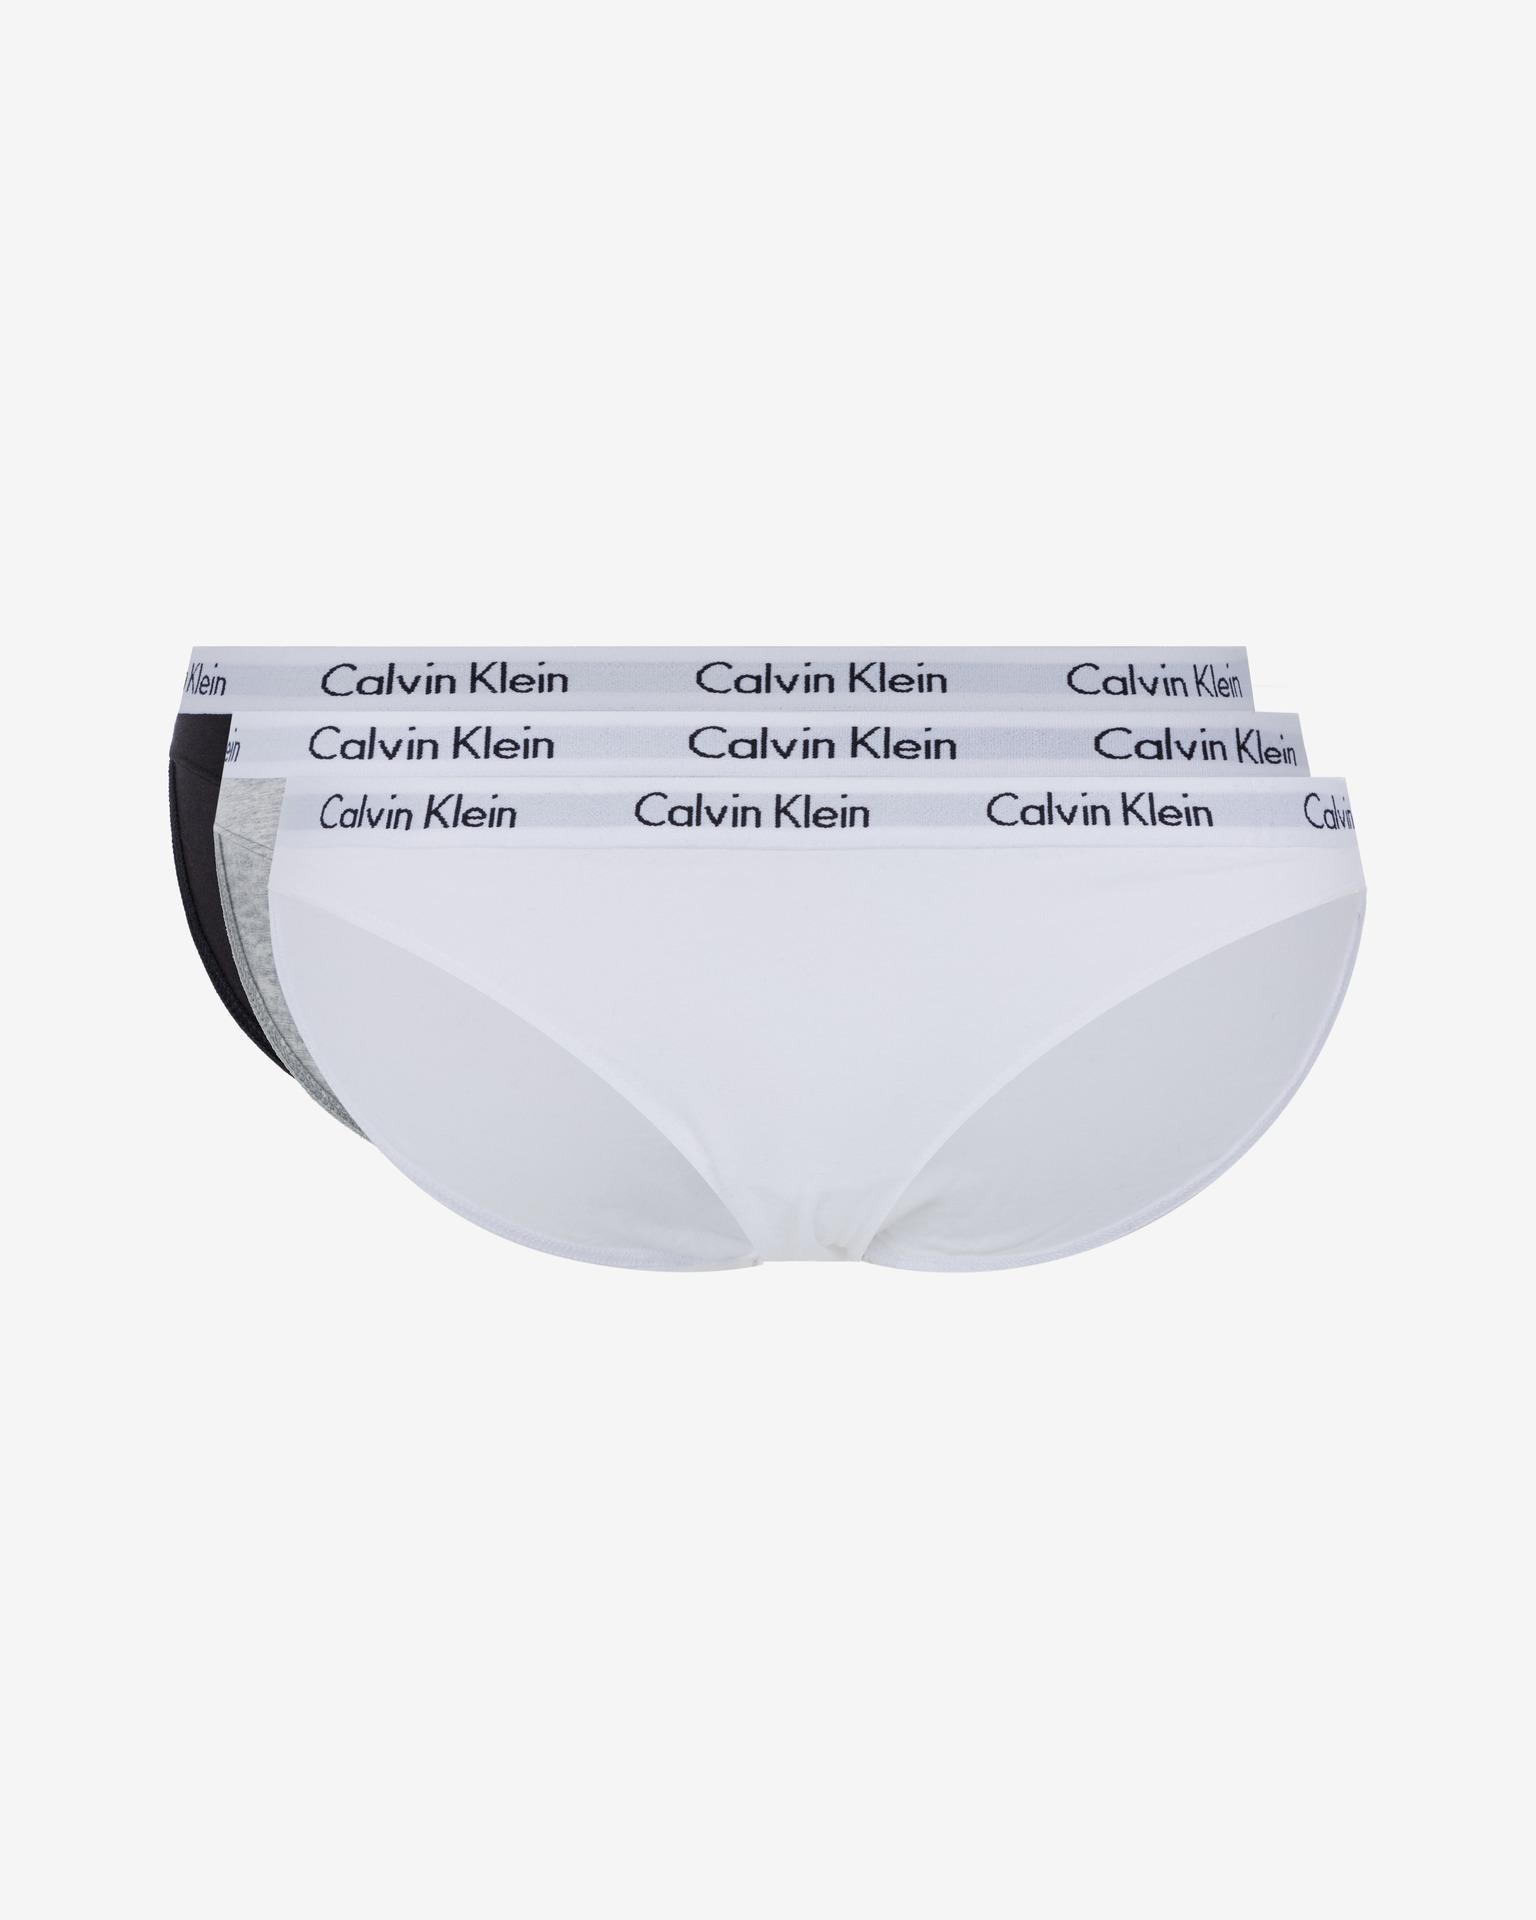 Calvin Klein 3 db-os Bugyi szett. A csomagolás 3 db-ot tartalmaz 15dafe0932